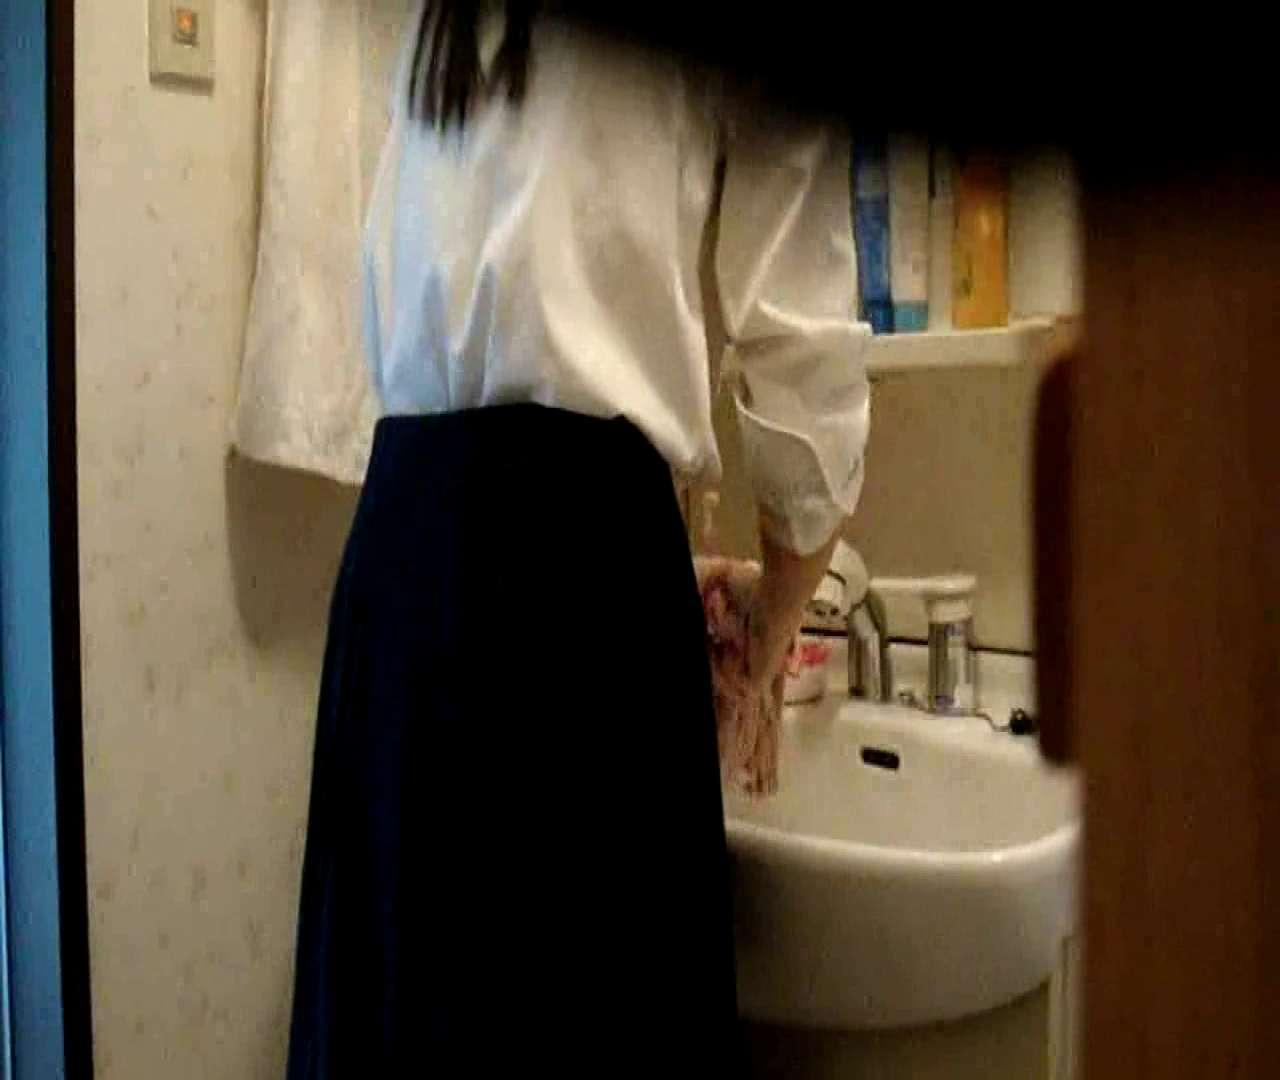 二人とも育てた甲斐がありました… vol.05 まどかが洗顔後にブラを洗濯 盗撮シリーズ  79PIX 16